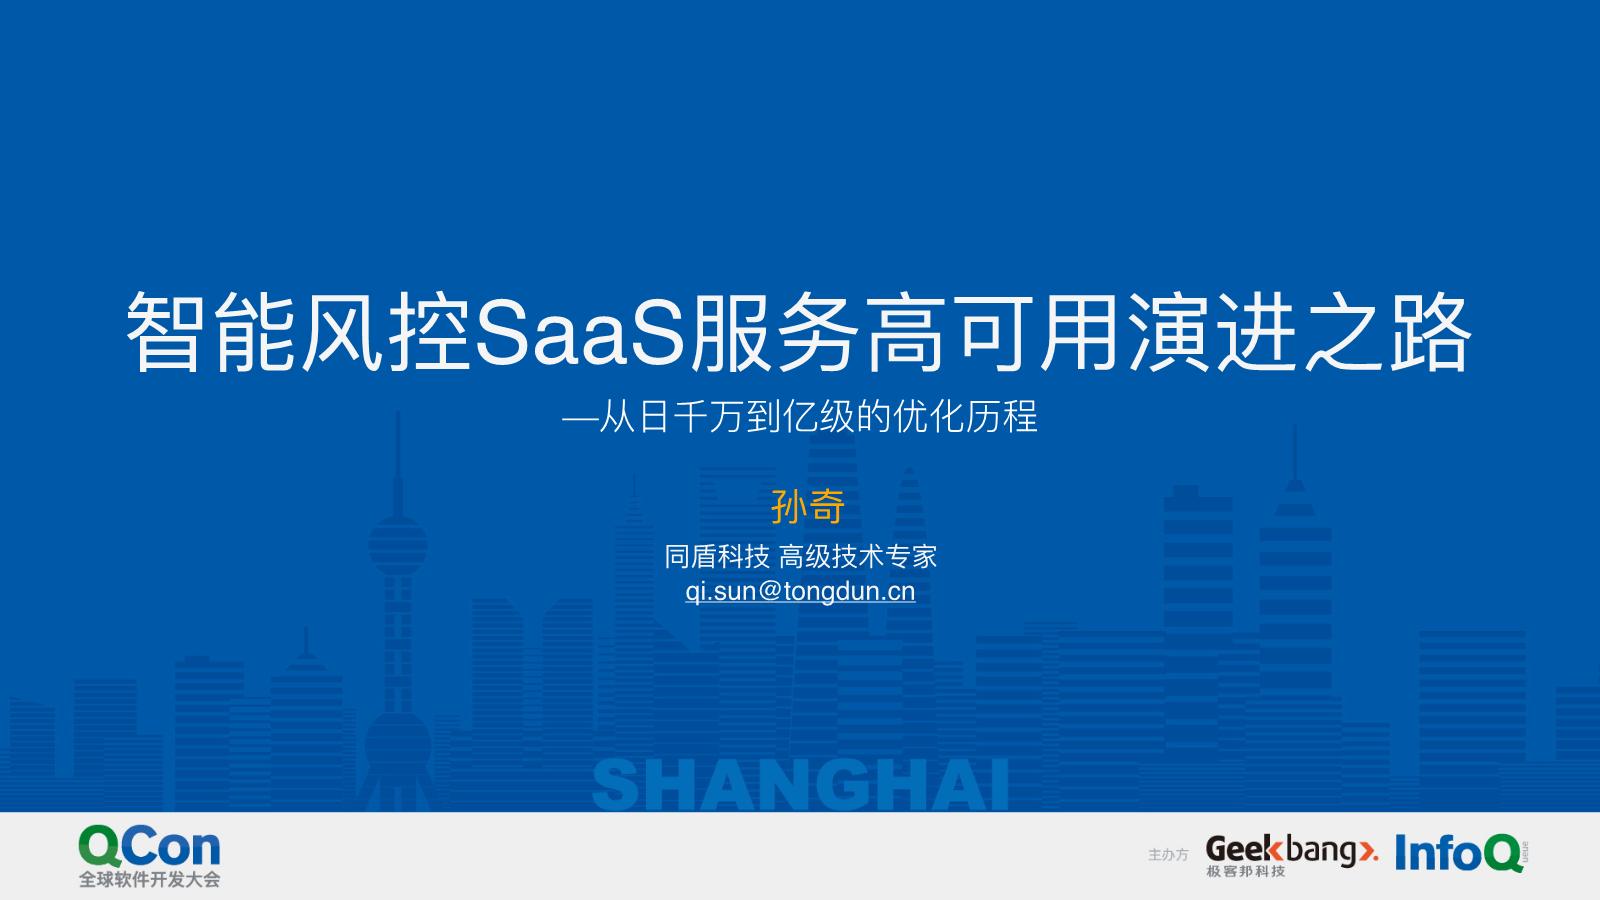 孙奇-智能风控SaaS服务高可用演进之路